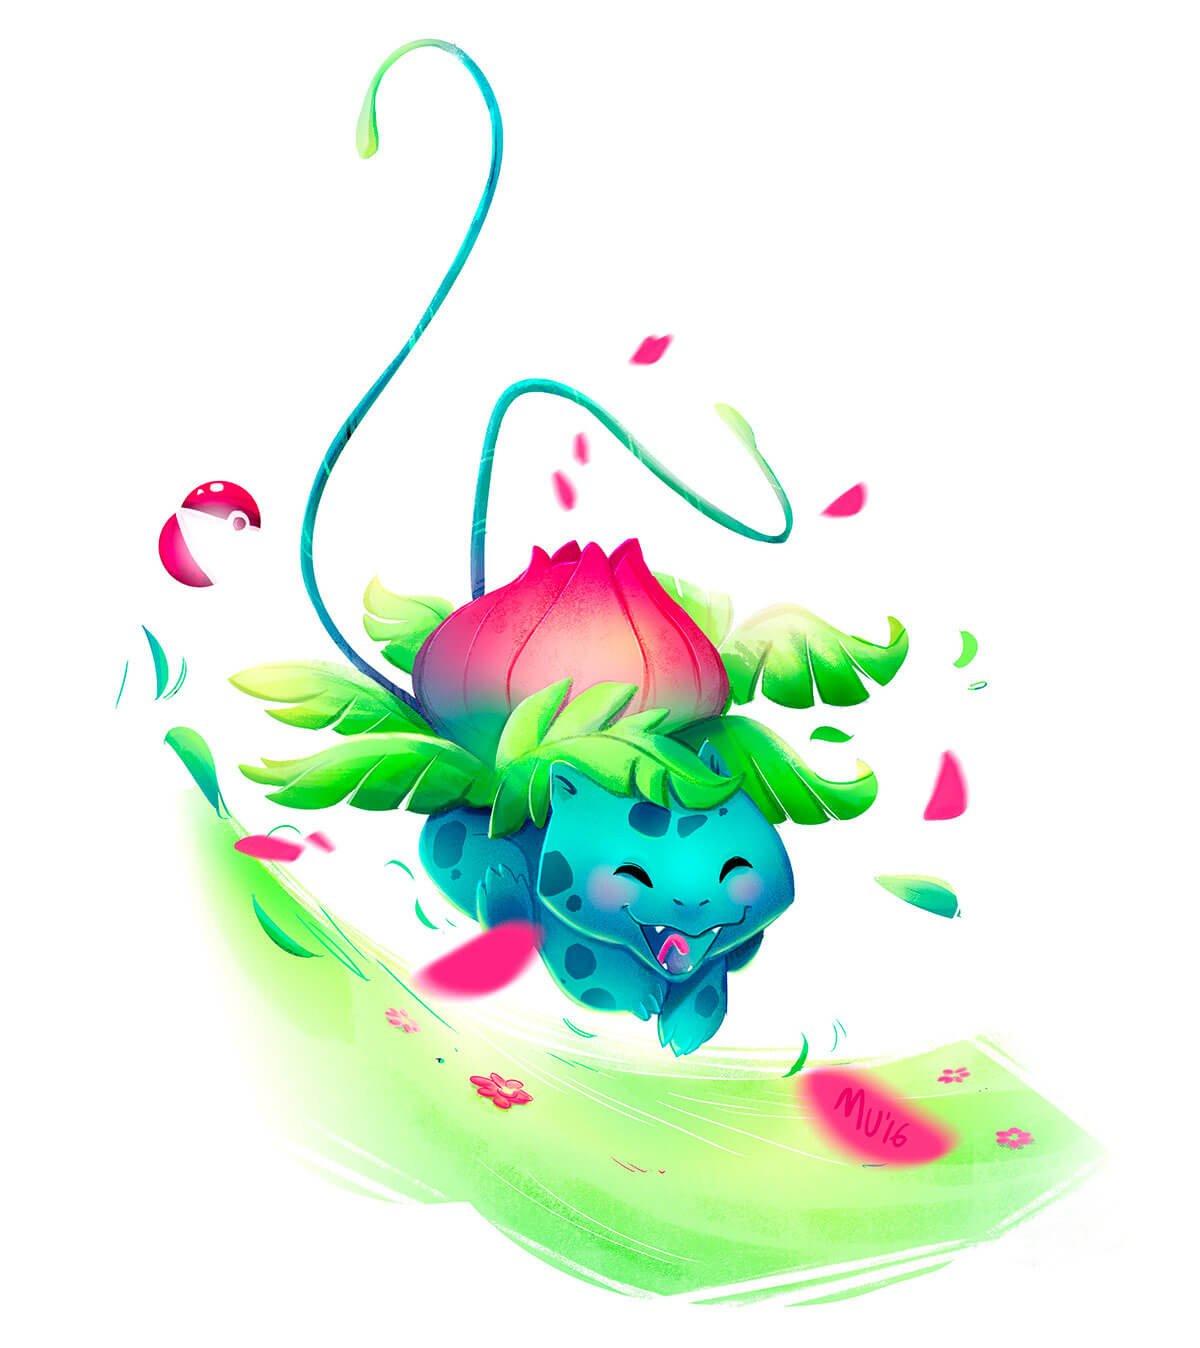 Ivysaur by Sara Mauri